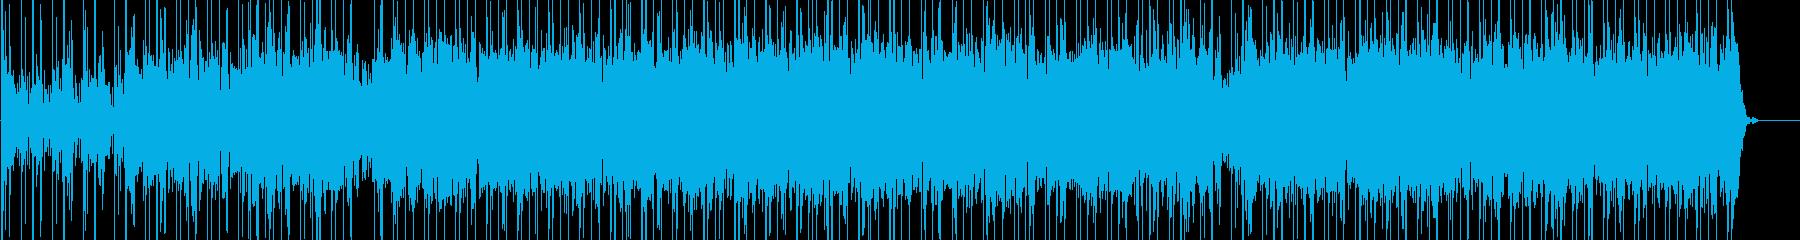 【チルアウト】洋楽、スムースR&Bの再生済みの波形